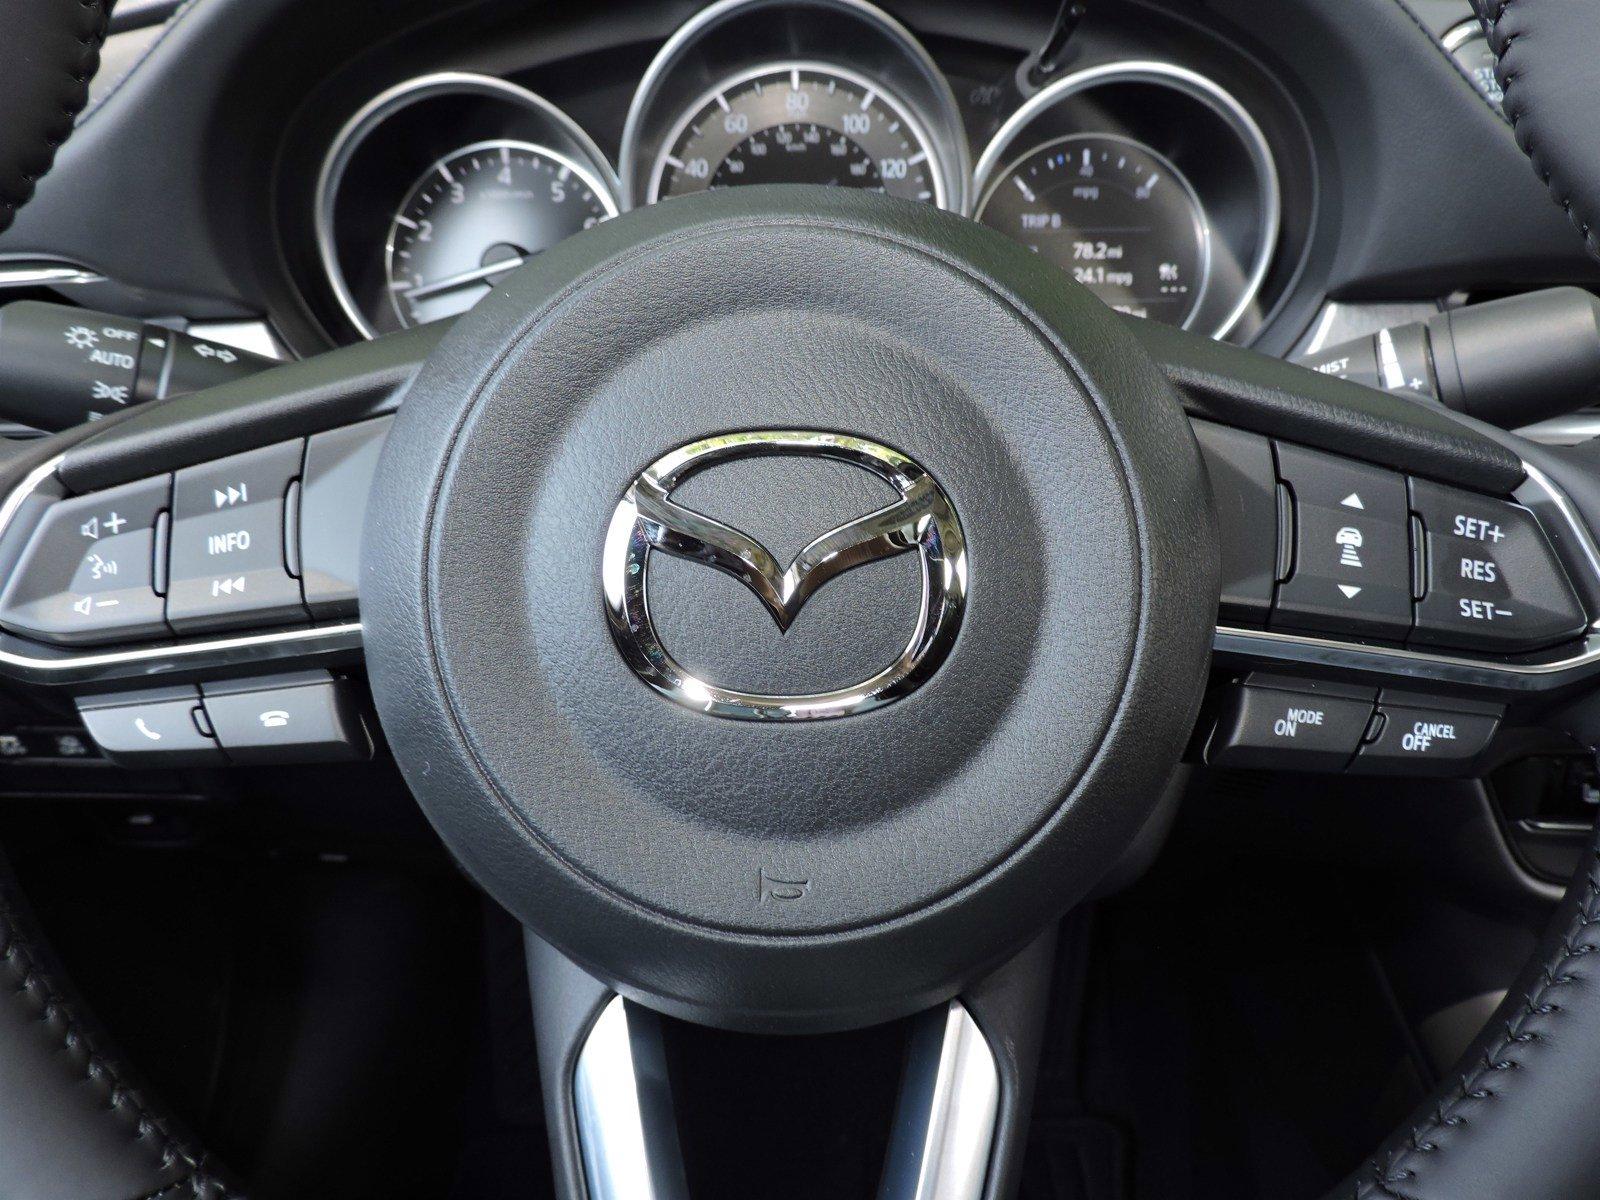 New 2020 Mazda6 Grand Touring